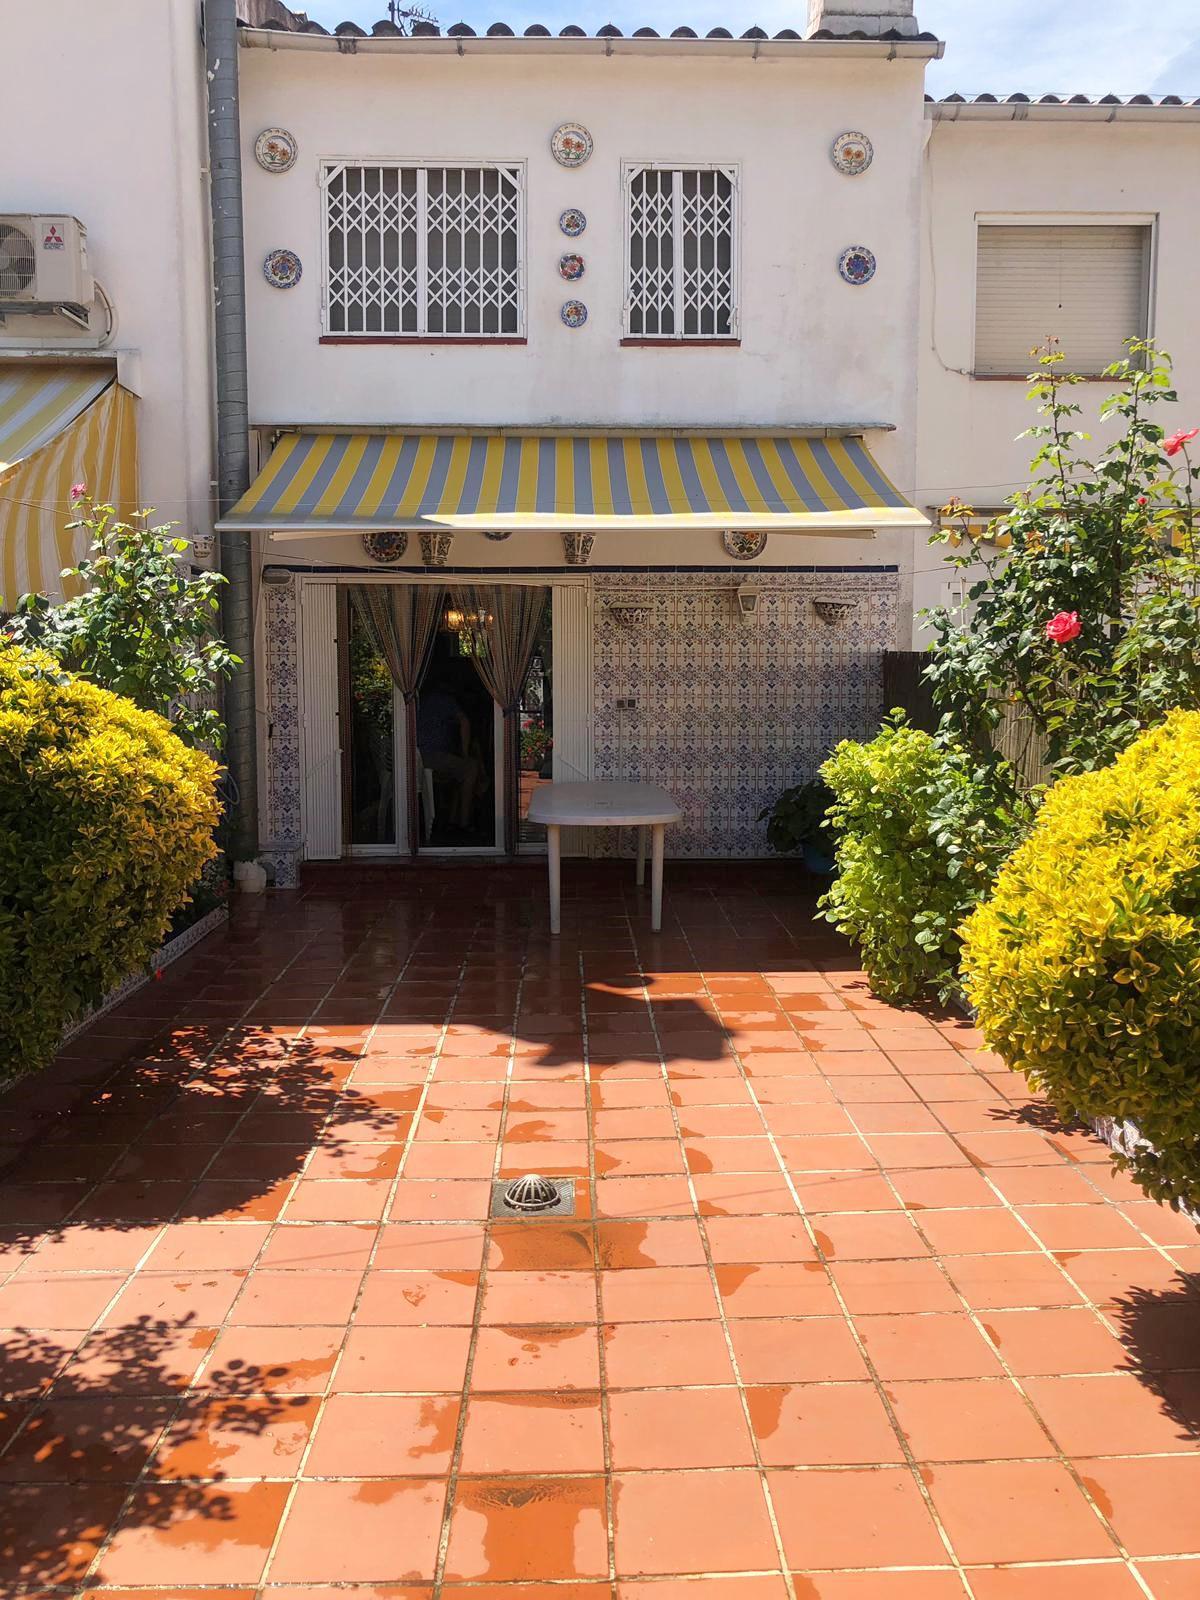 Imagen 1 Casa Adosada en venta en Martorelles / Martorelles- Centro -Casa adosada exterior